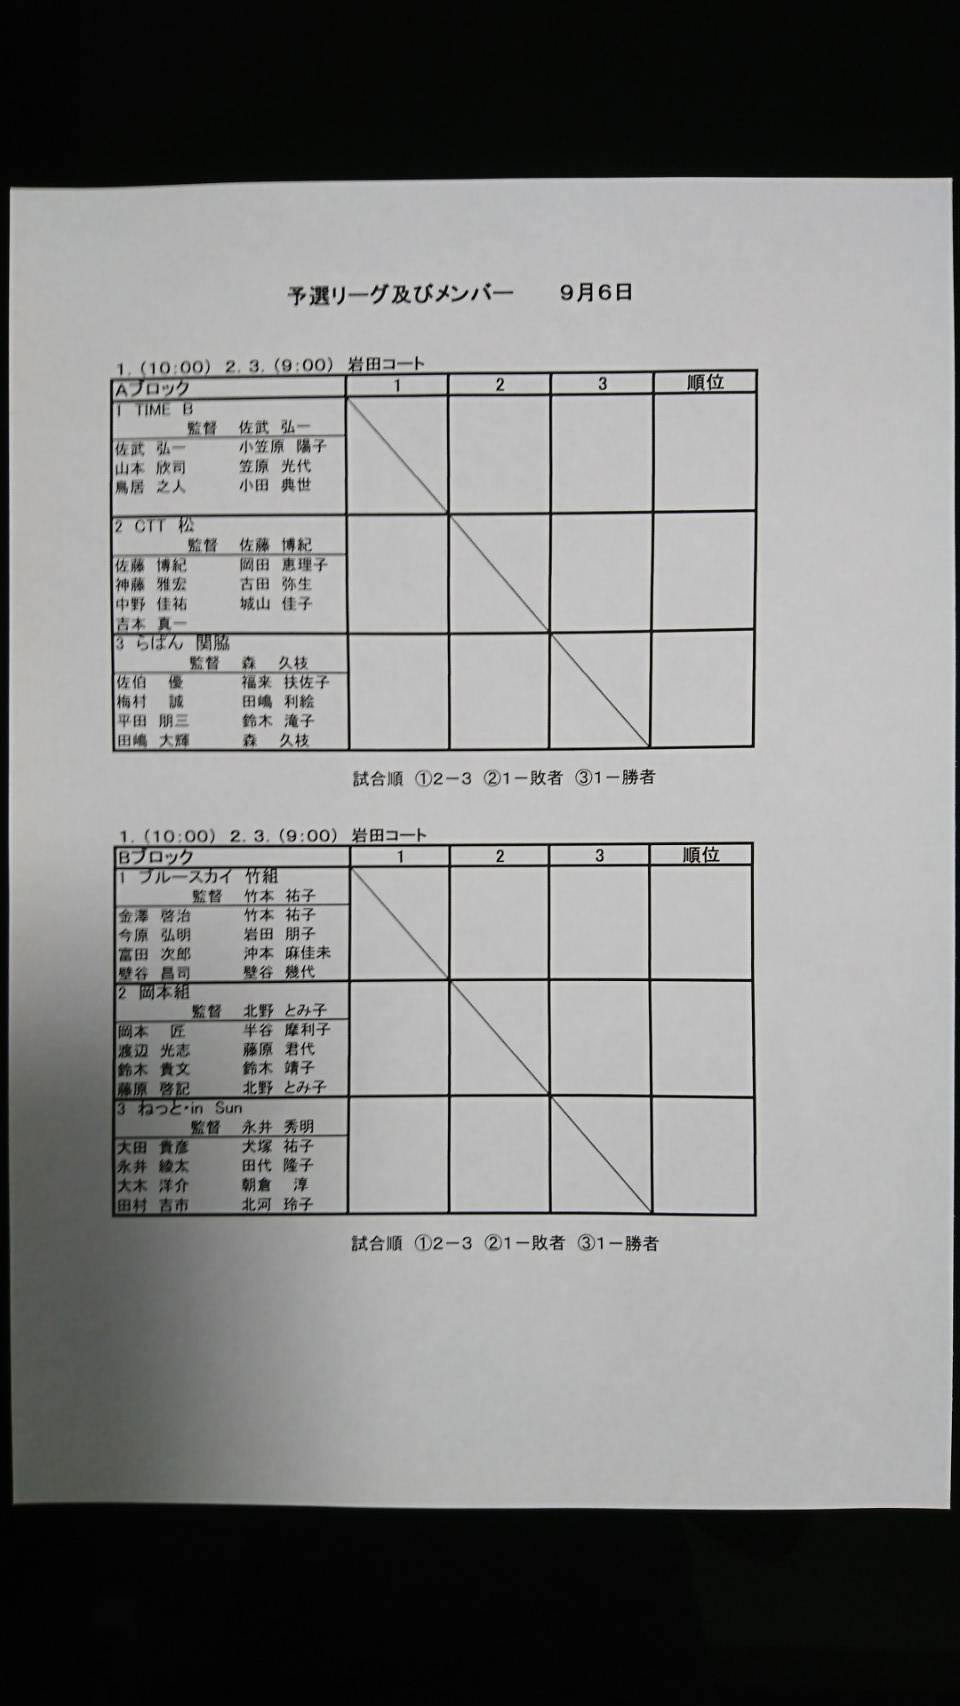 クラブ対抗戦-予選リーグ1ドロー